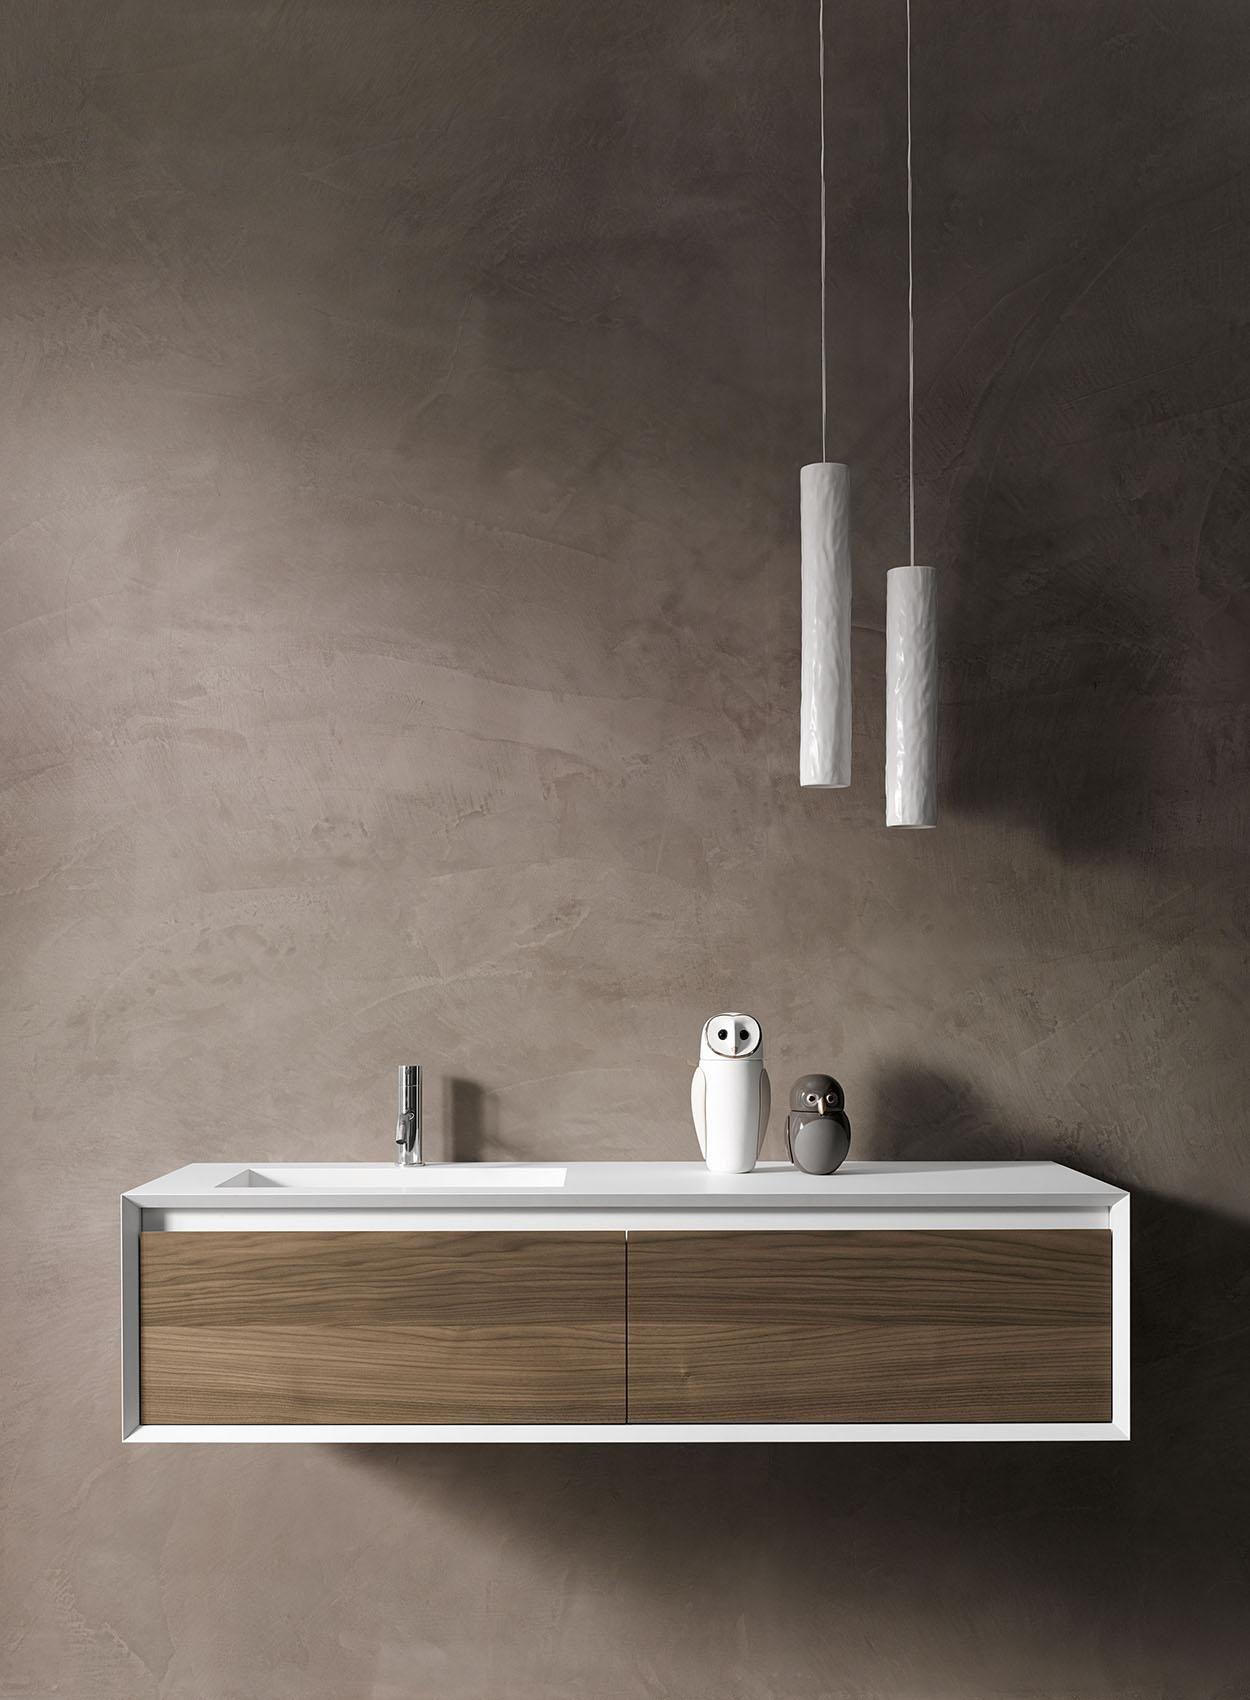 Iks Full Fenix Blanc Façade Walnut | Modern Bathroom, Bath ... concernant Stocco Iks Full